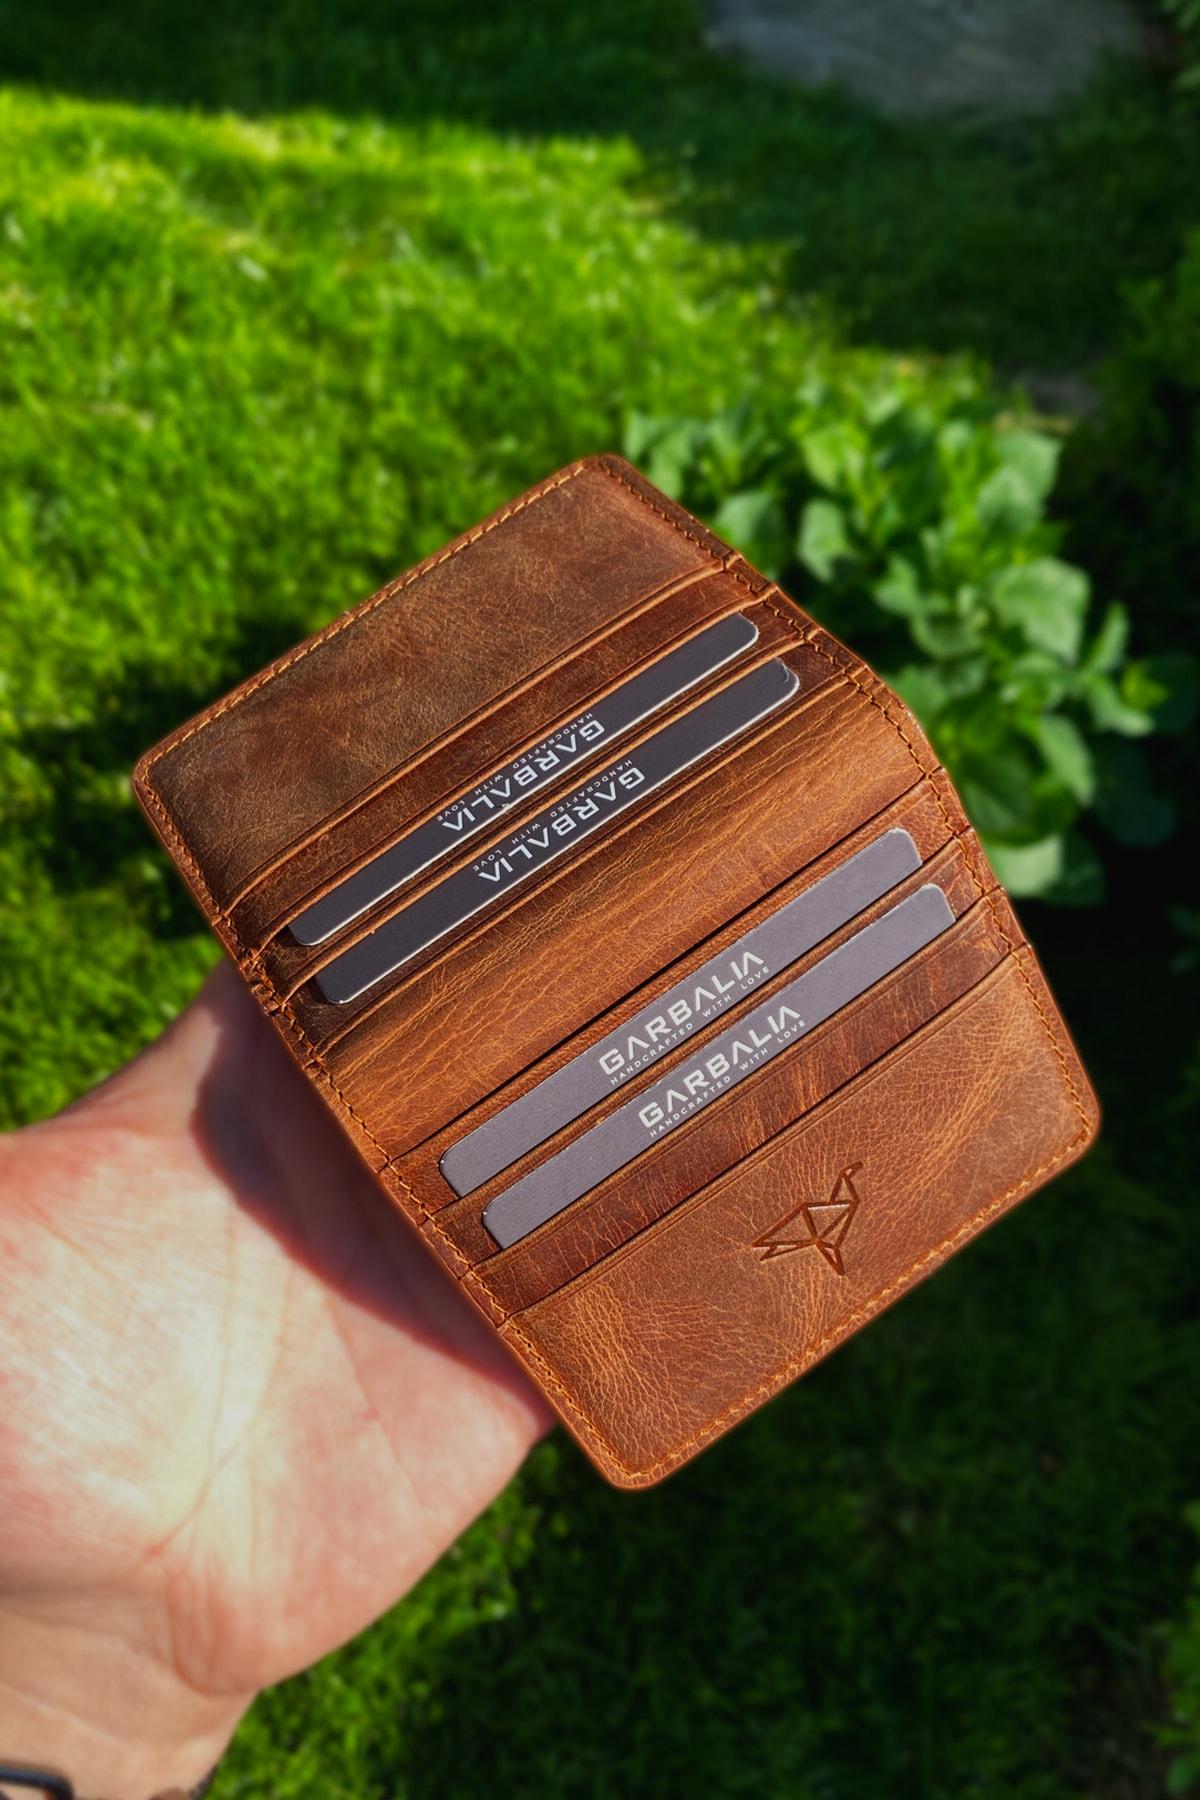 خمر جلد تان محفظة حمل بطاقات حامل بطاقة ملونة المحافظ الاتجاه المنتجات